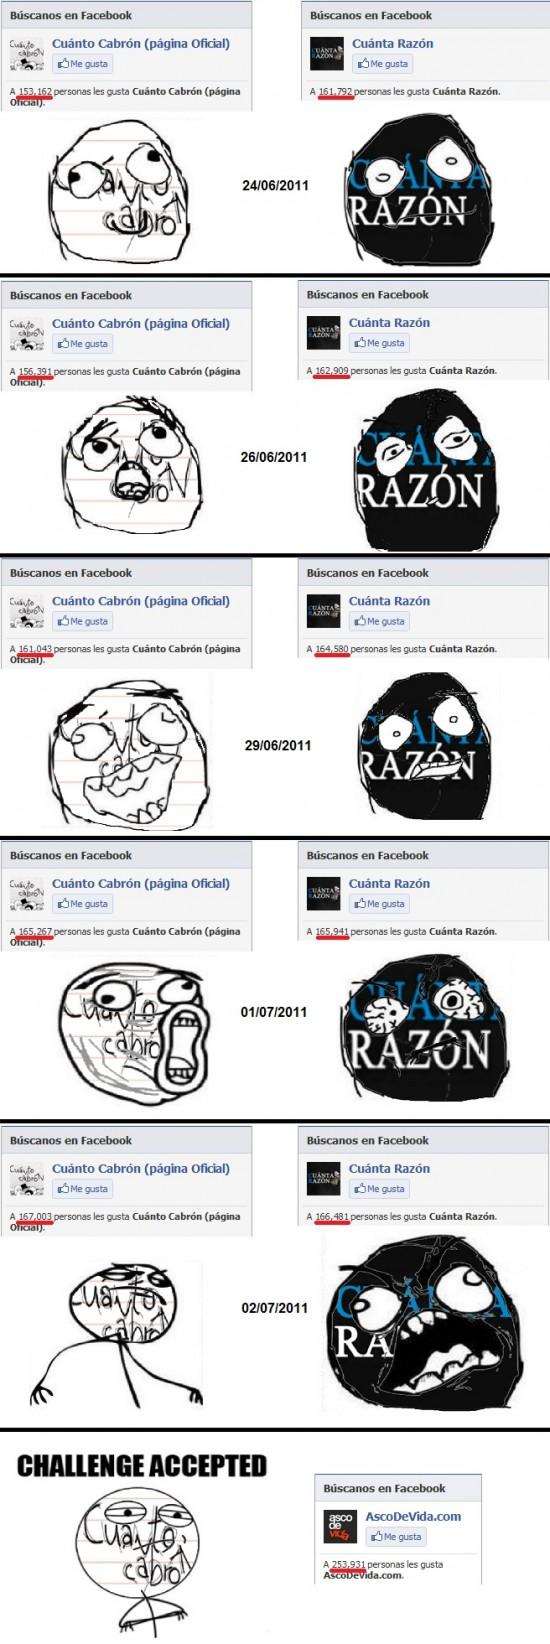 Callenge Accepted,CC,CR,Cuanta Razón,Cuanto Cabrón,Facebook,LOL,Me gusta,Meme